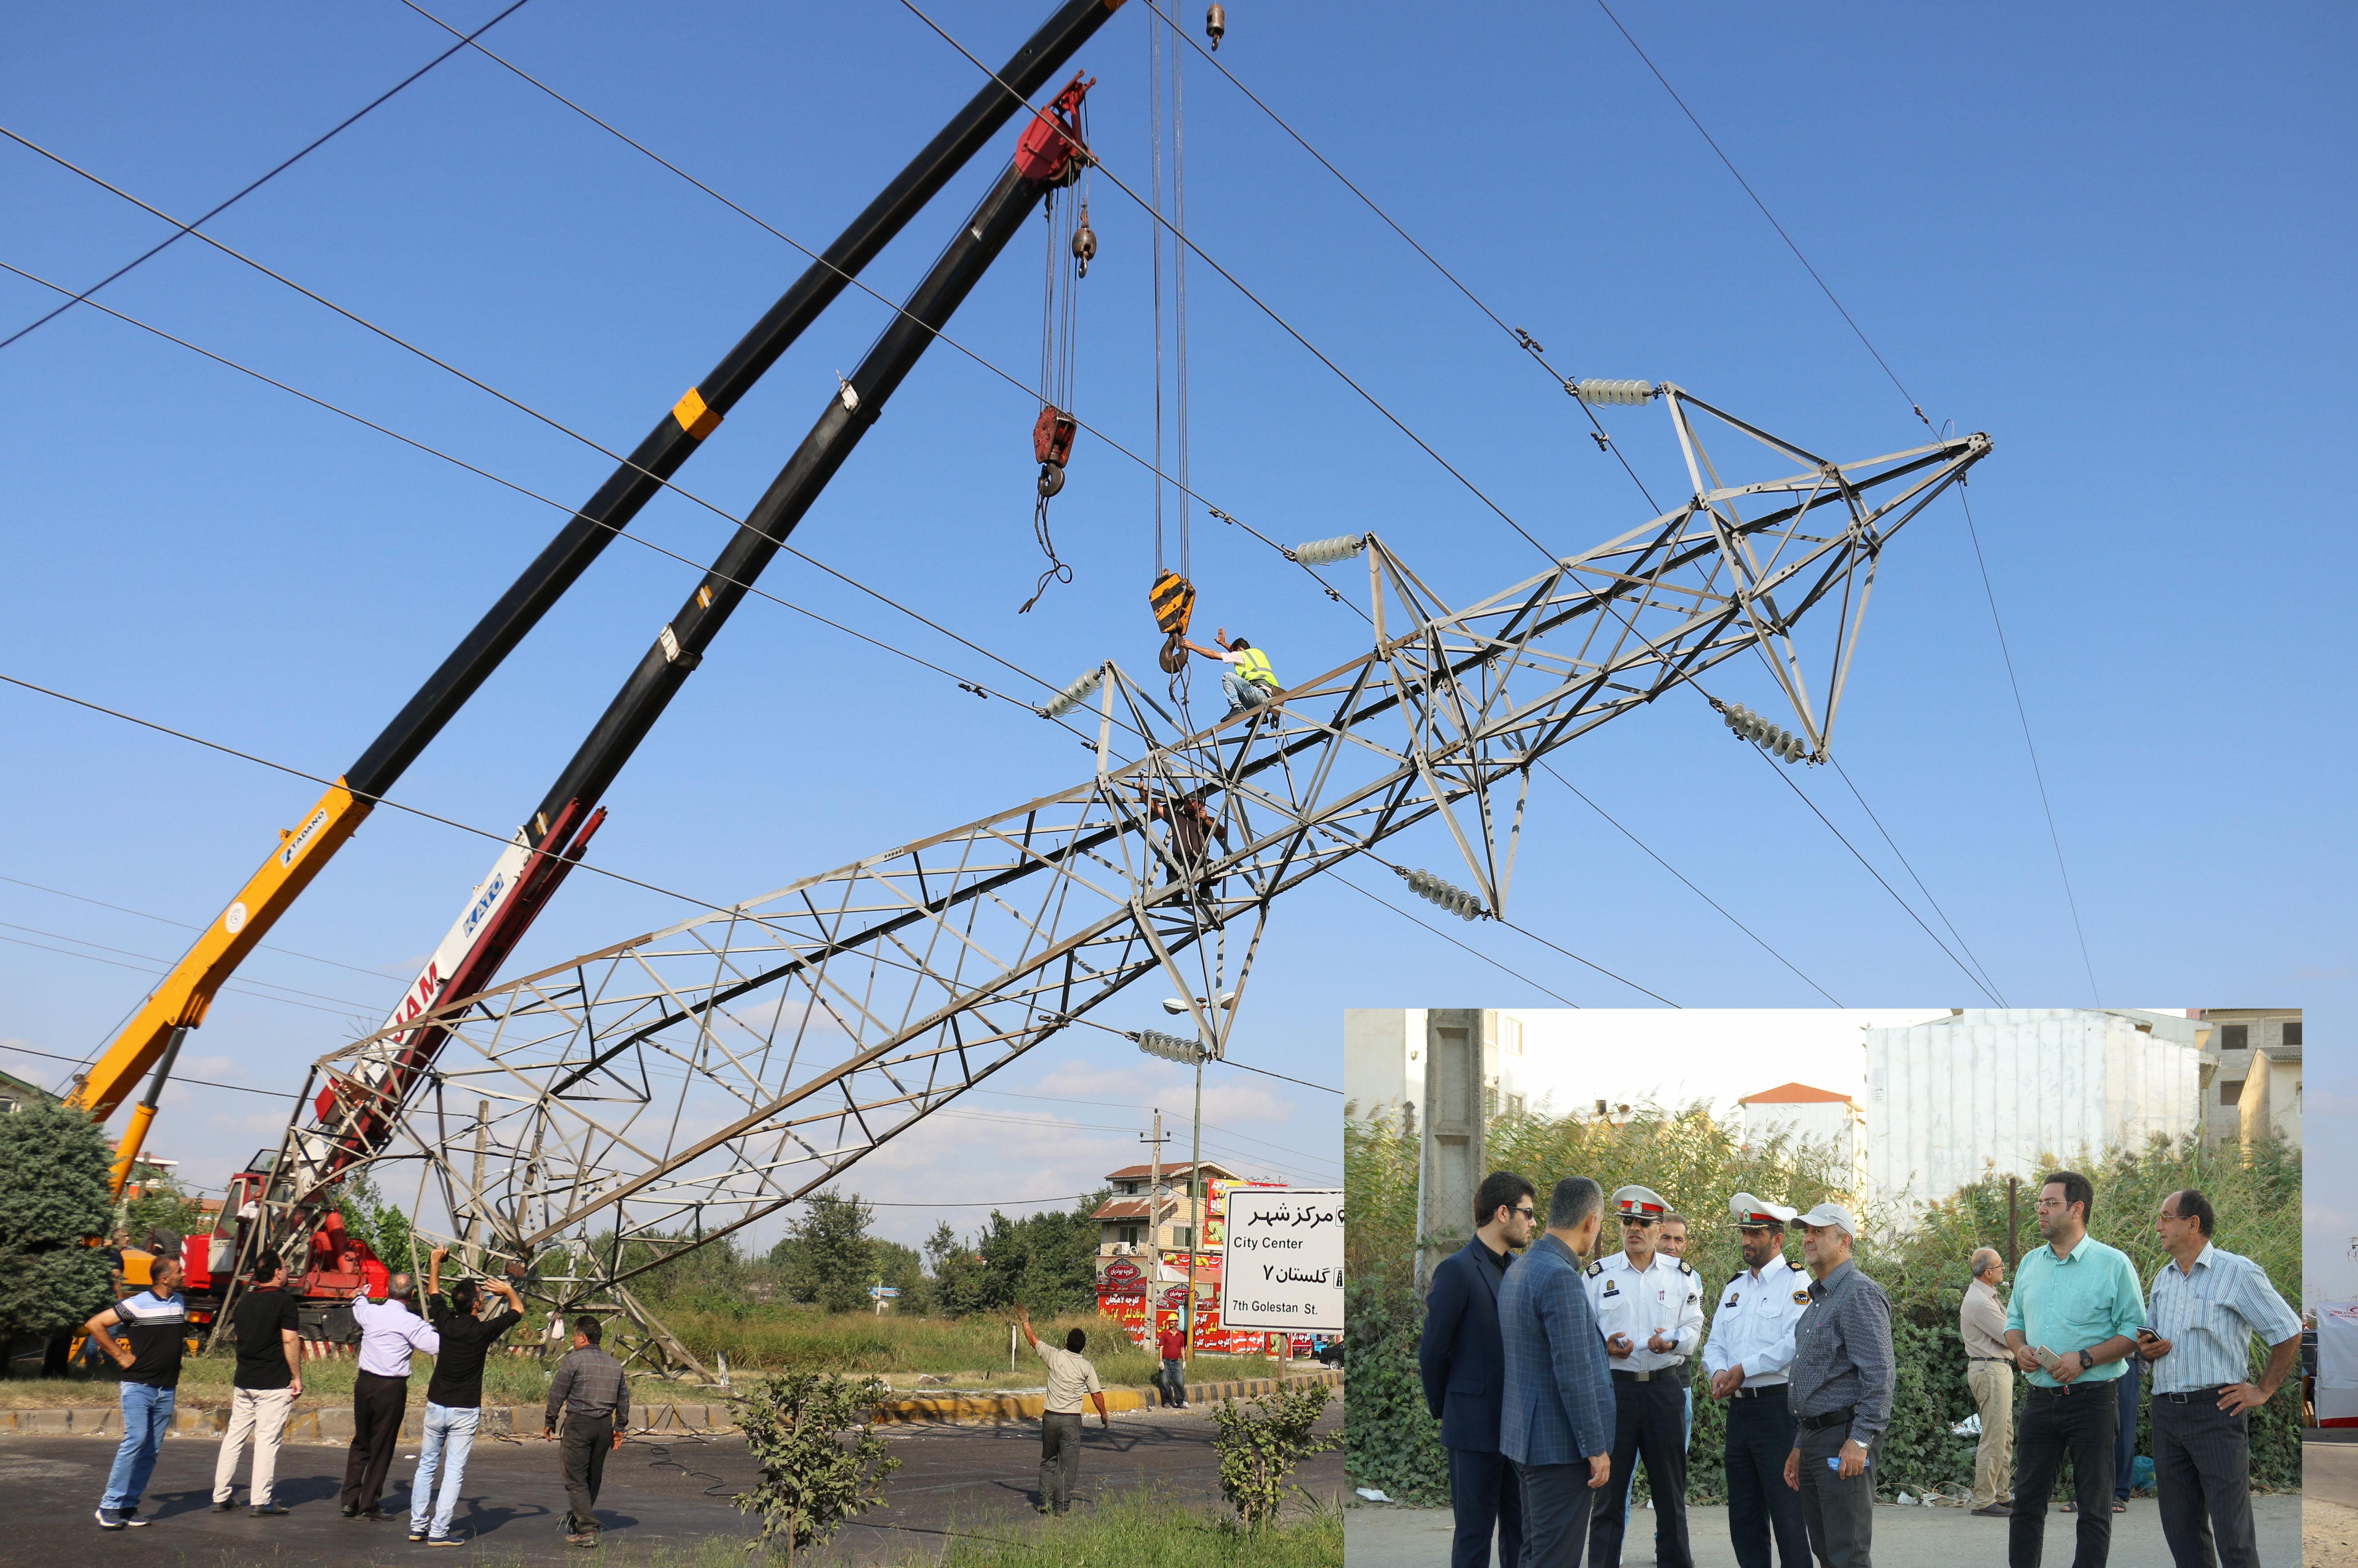 با تلاش کارکنان برق گیلان: خط دو مداره سیاهکلده به لاهیجان یک برقدار شد